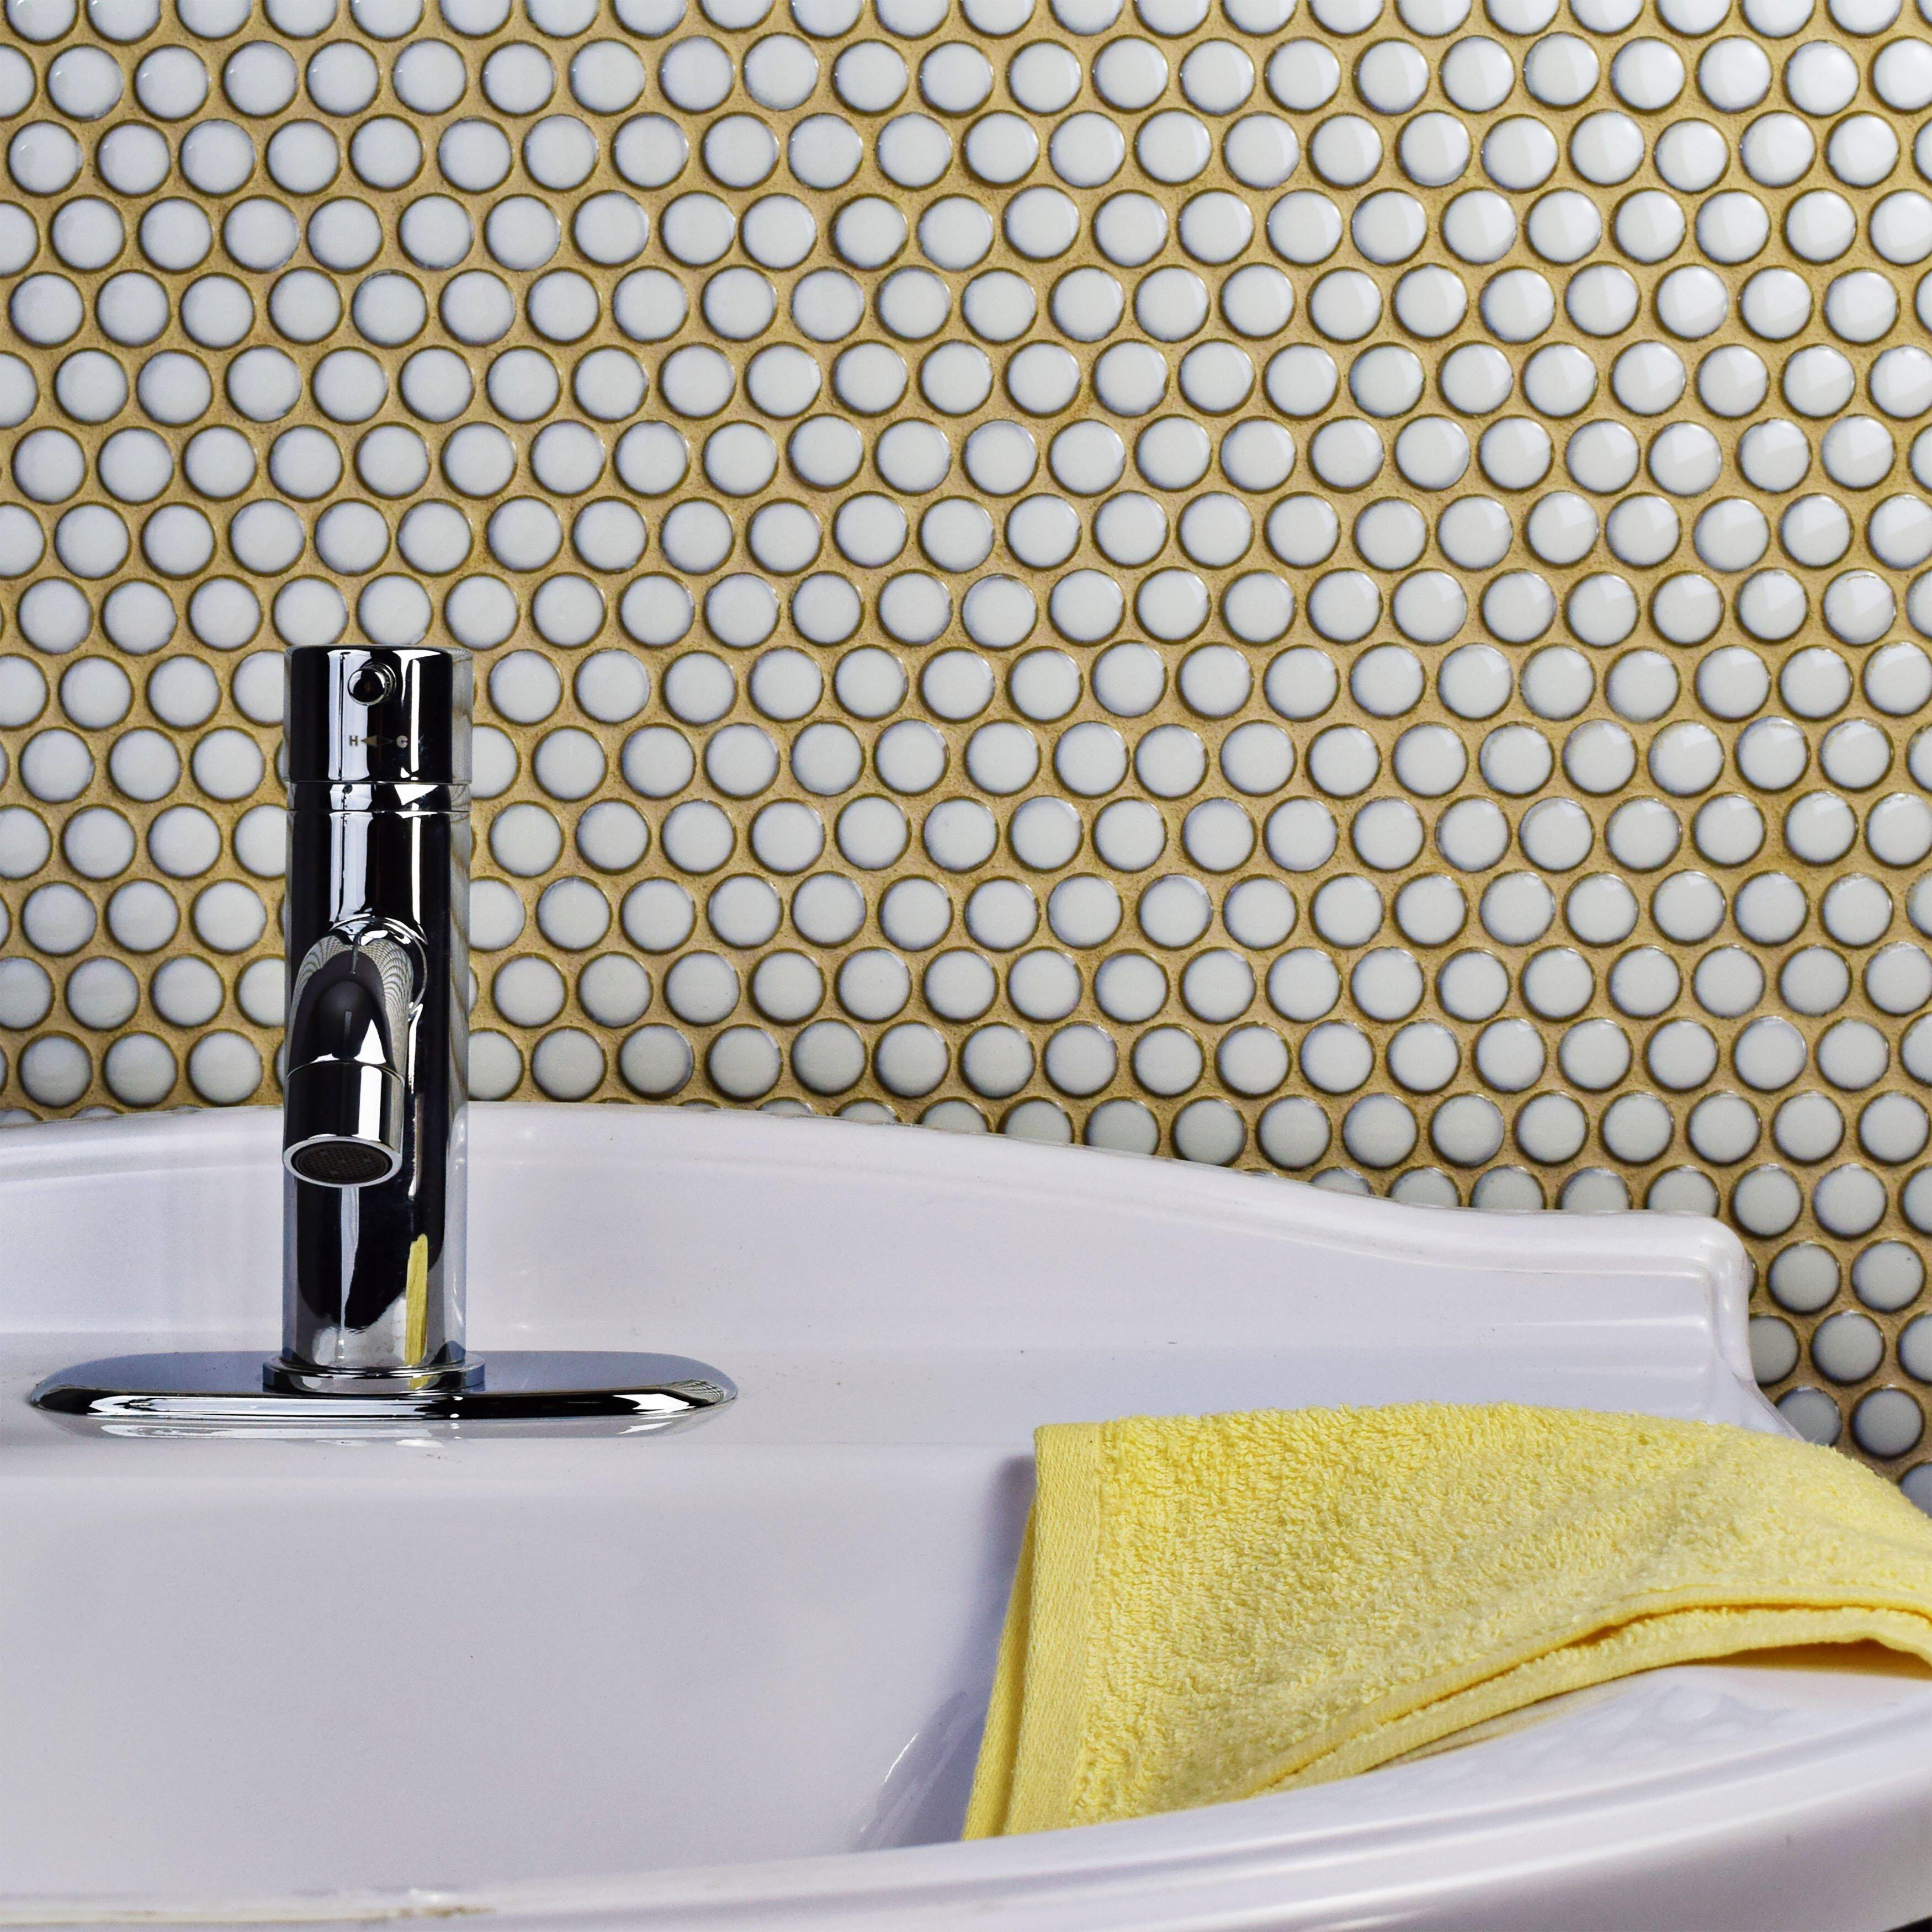 Elitetile Penny 0 8 Quot X 0 8 Quot Porcelain Mosaic Tile In